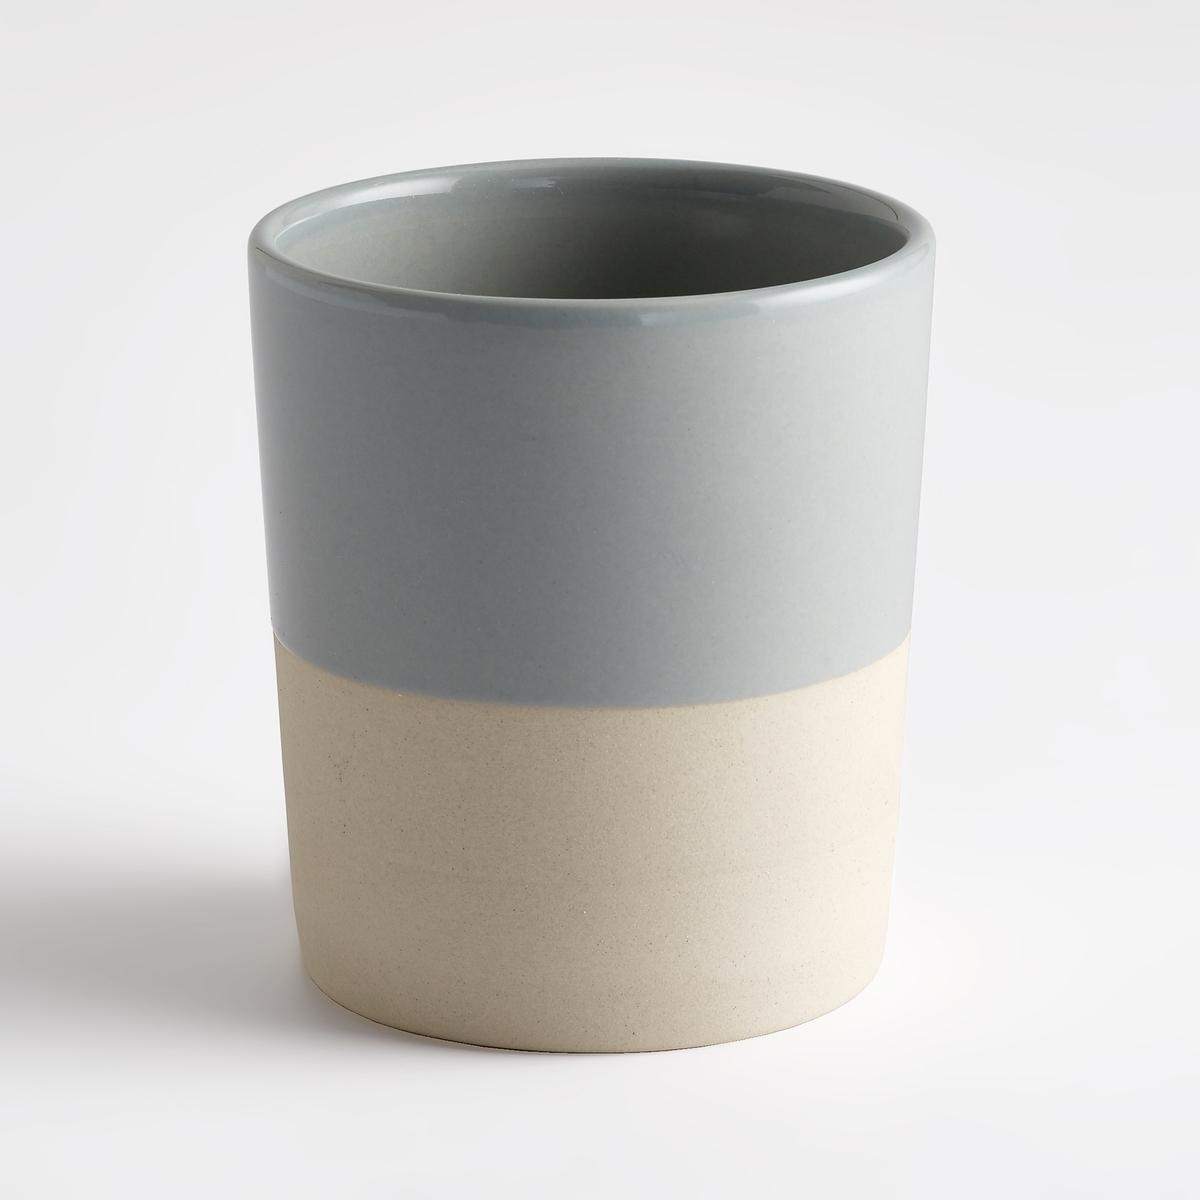 Комплект из 4 двухцветных чашек из керамики, WarotaЧашки Warota отличаются строгой и аутентичной формой и двухцветной контрастной расцветкой и сочетаются с любым стилем внутреннего декора.Характеристики 4 двухцветных чашек из керамики Warota :Из керамики. Дно из матовой керамики без глазури.Размеры 4 двухцветных чашек из керамики Warota :Диаметр. 8 x высота 9 см.Цвета 4 двухцветных чашек из керамики Warota :Керамика без глазури / розовый.Керамика без глазури / синий.Другие чашки и предметы декора стола вы можете найти на сайте laredoute.ru<br><br>Цвет: розовая пудра,синий<br>Размер: единый размер